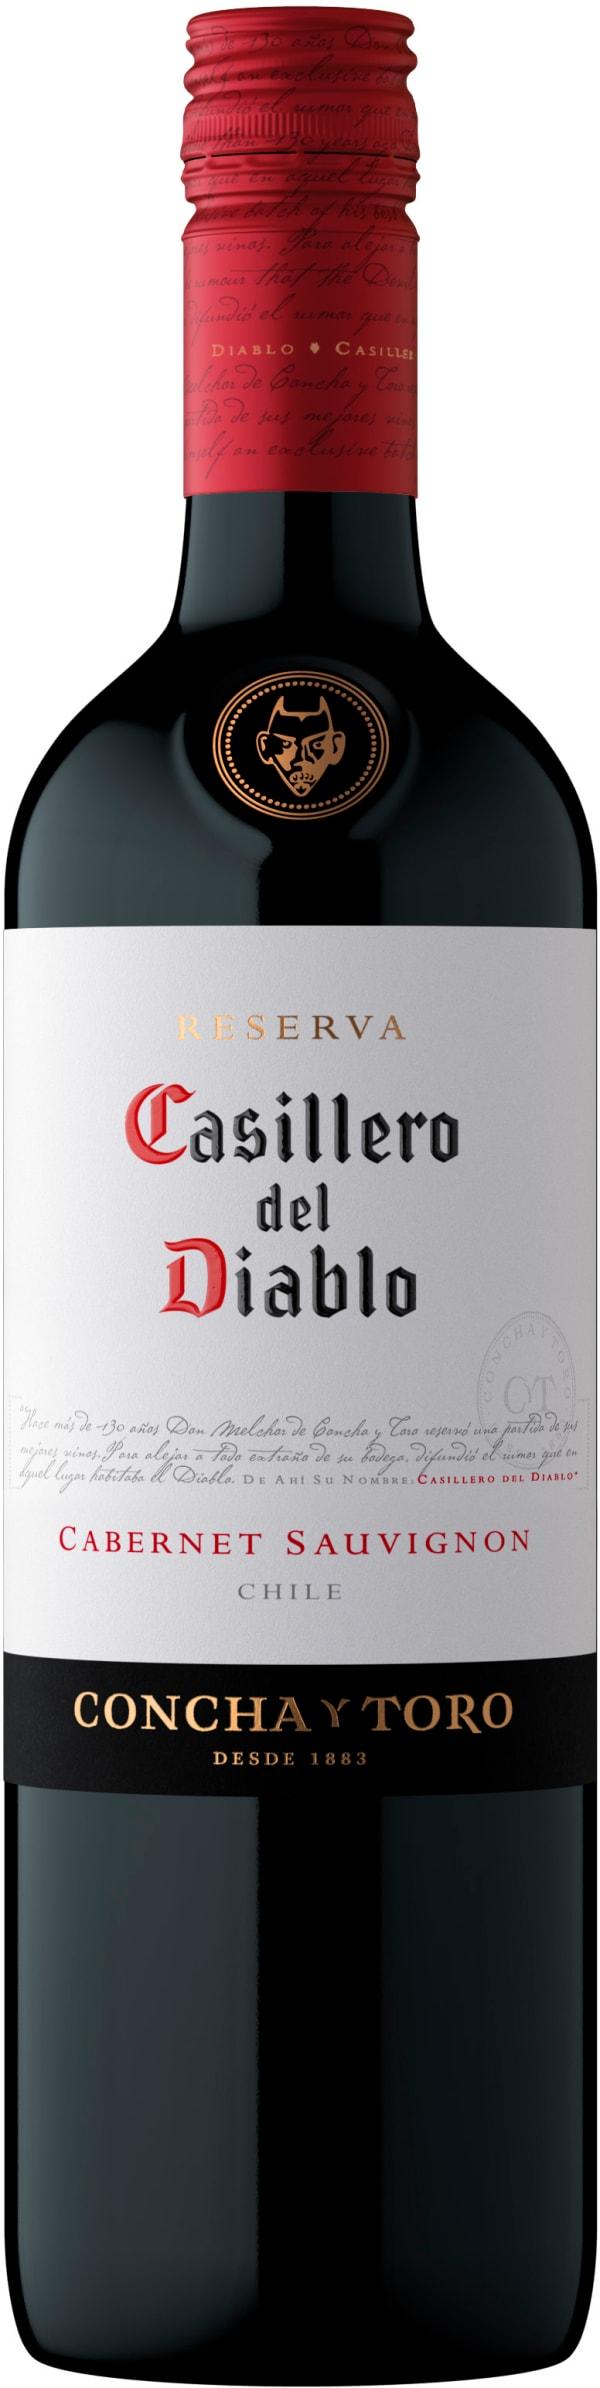 Casillero del Diablo Cabernet Sauvignon Reserva 2019